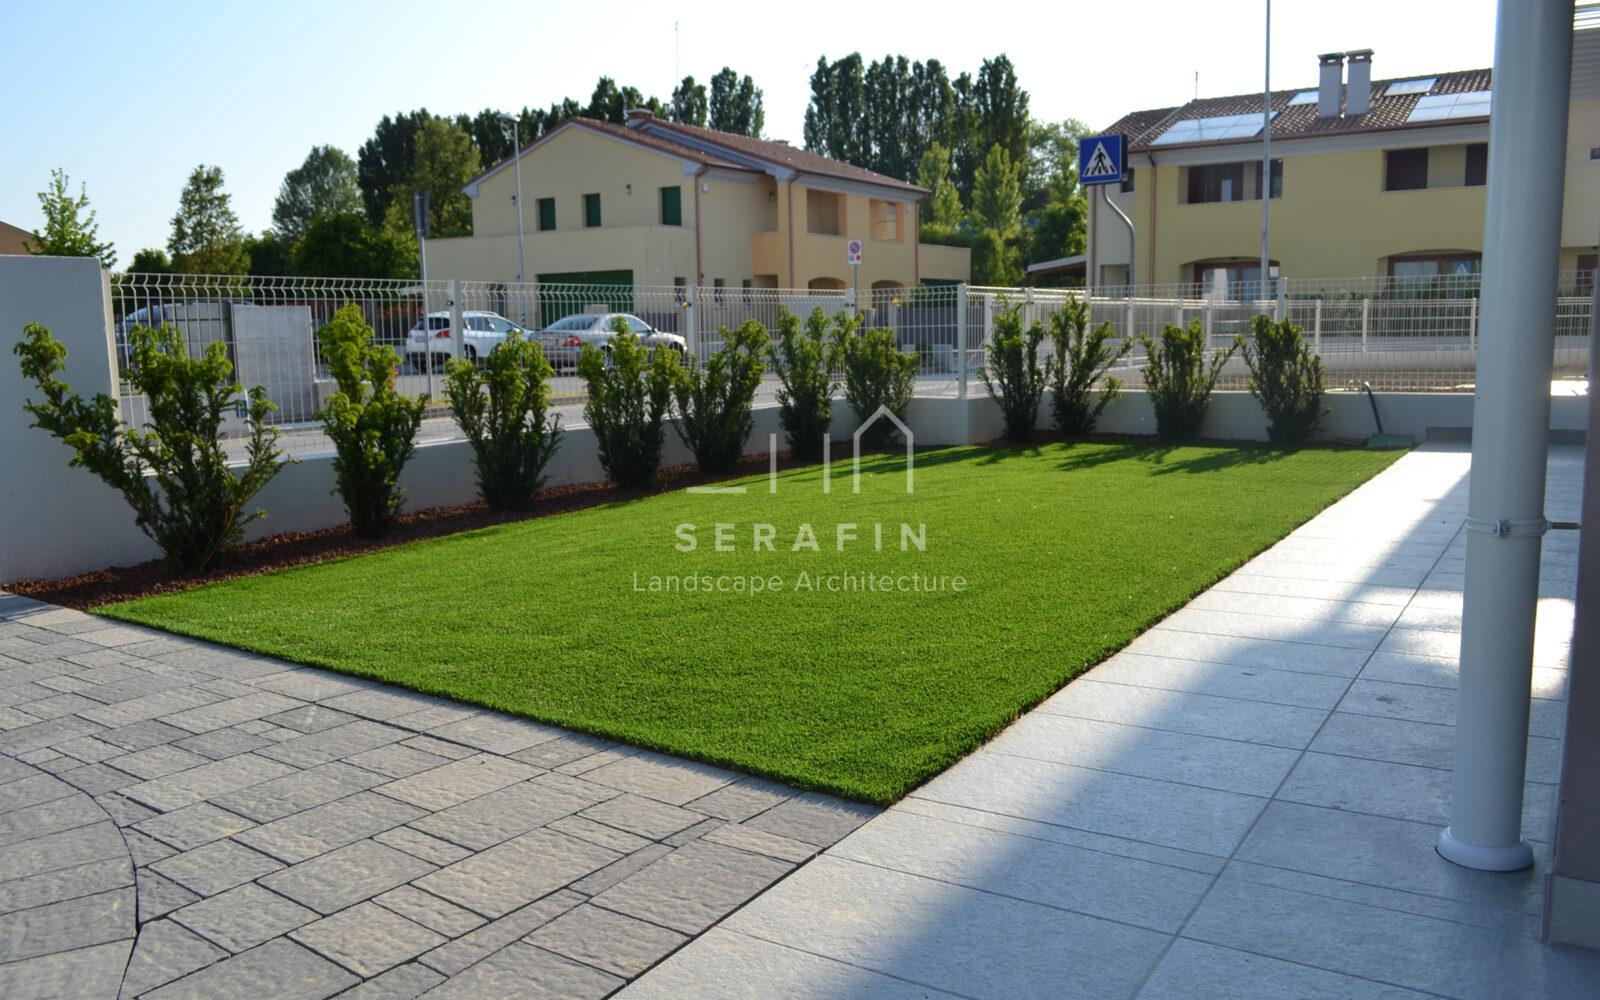 giardino privato con tappeto d'erba sintetica - 3